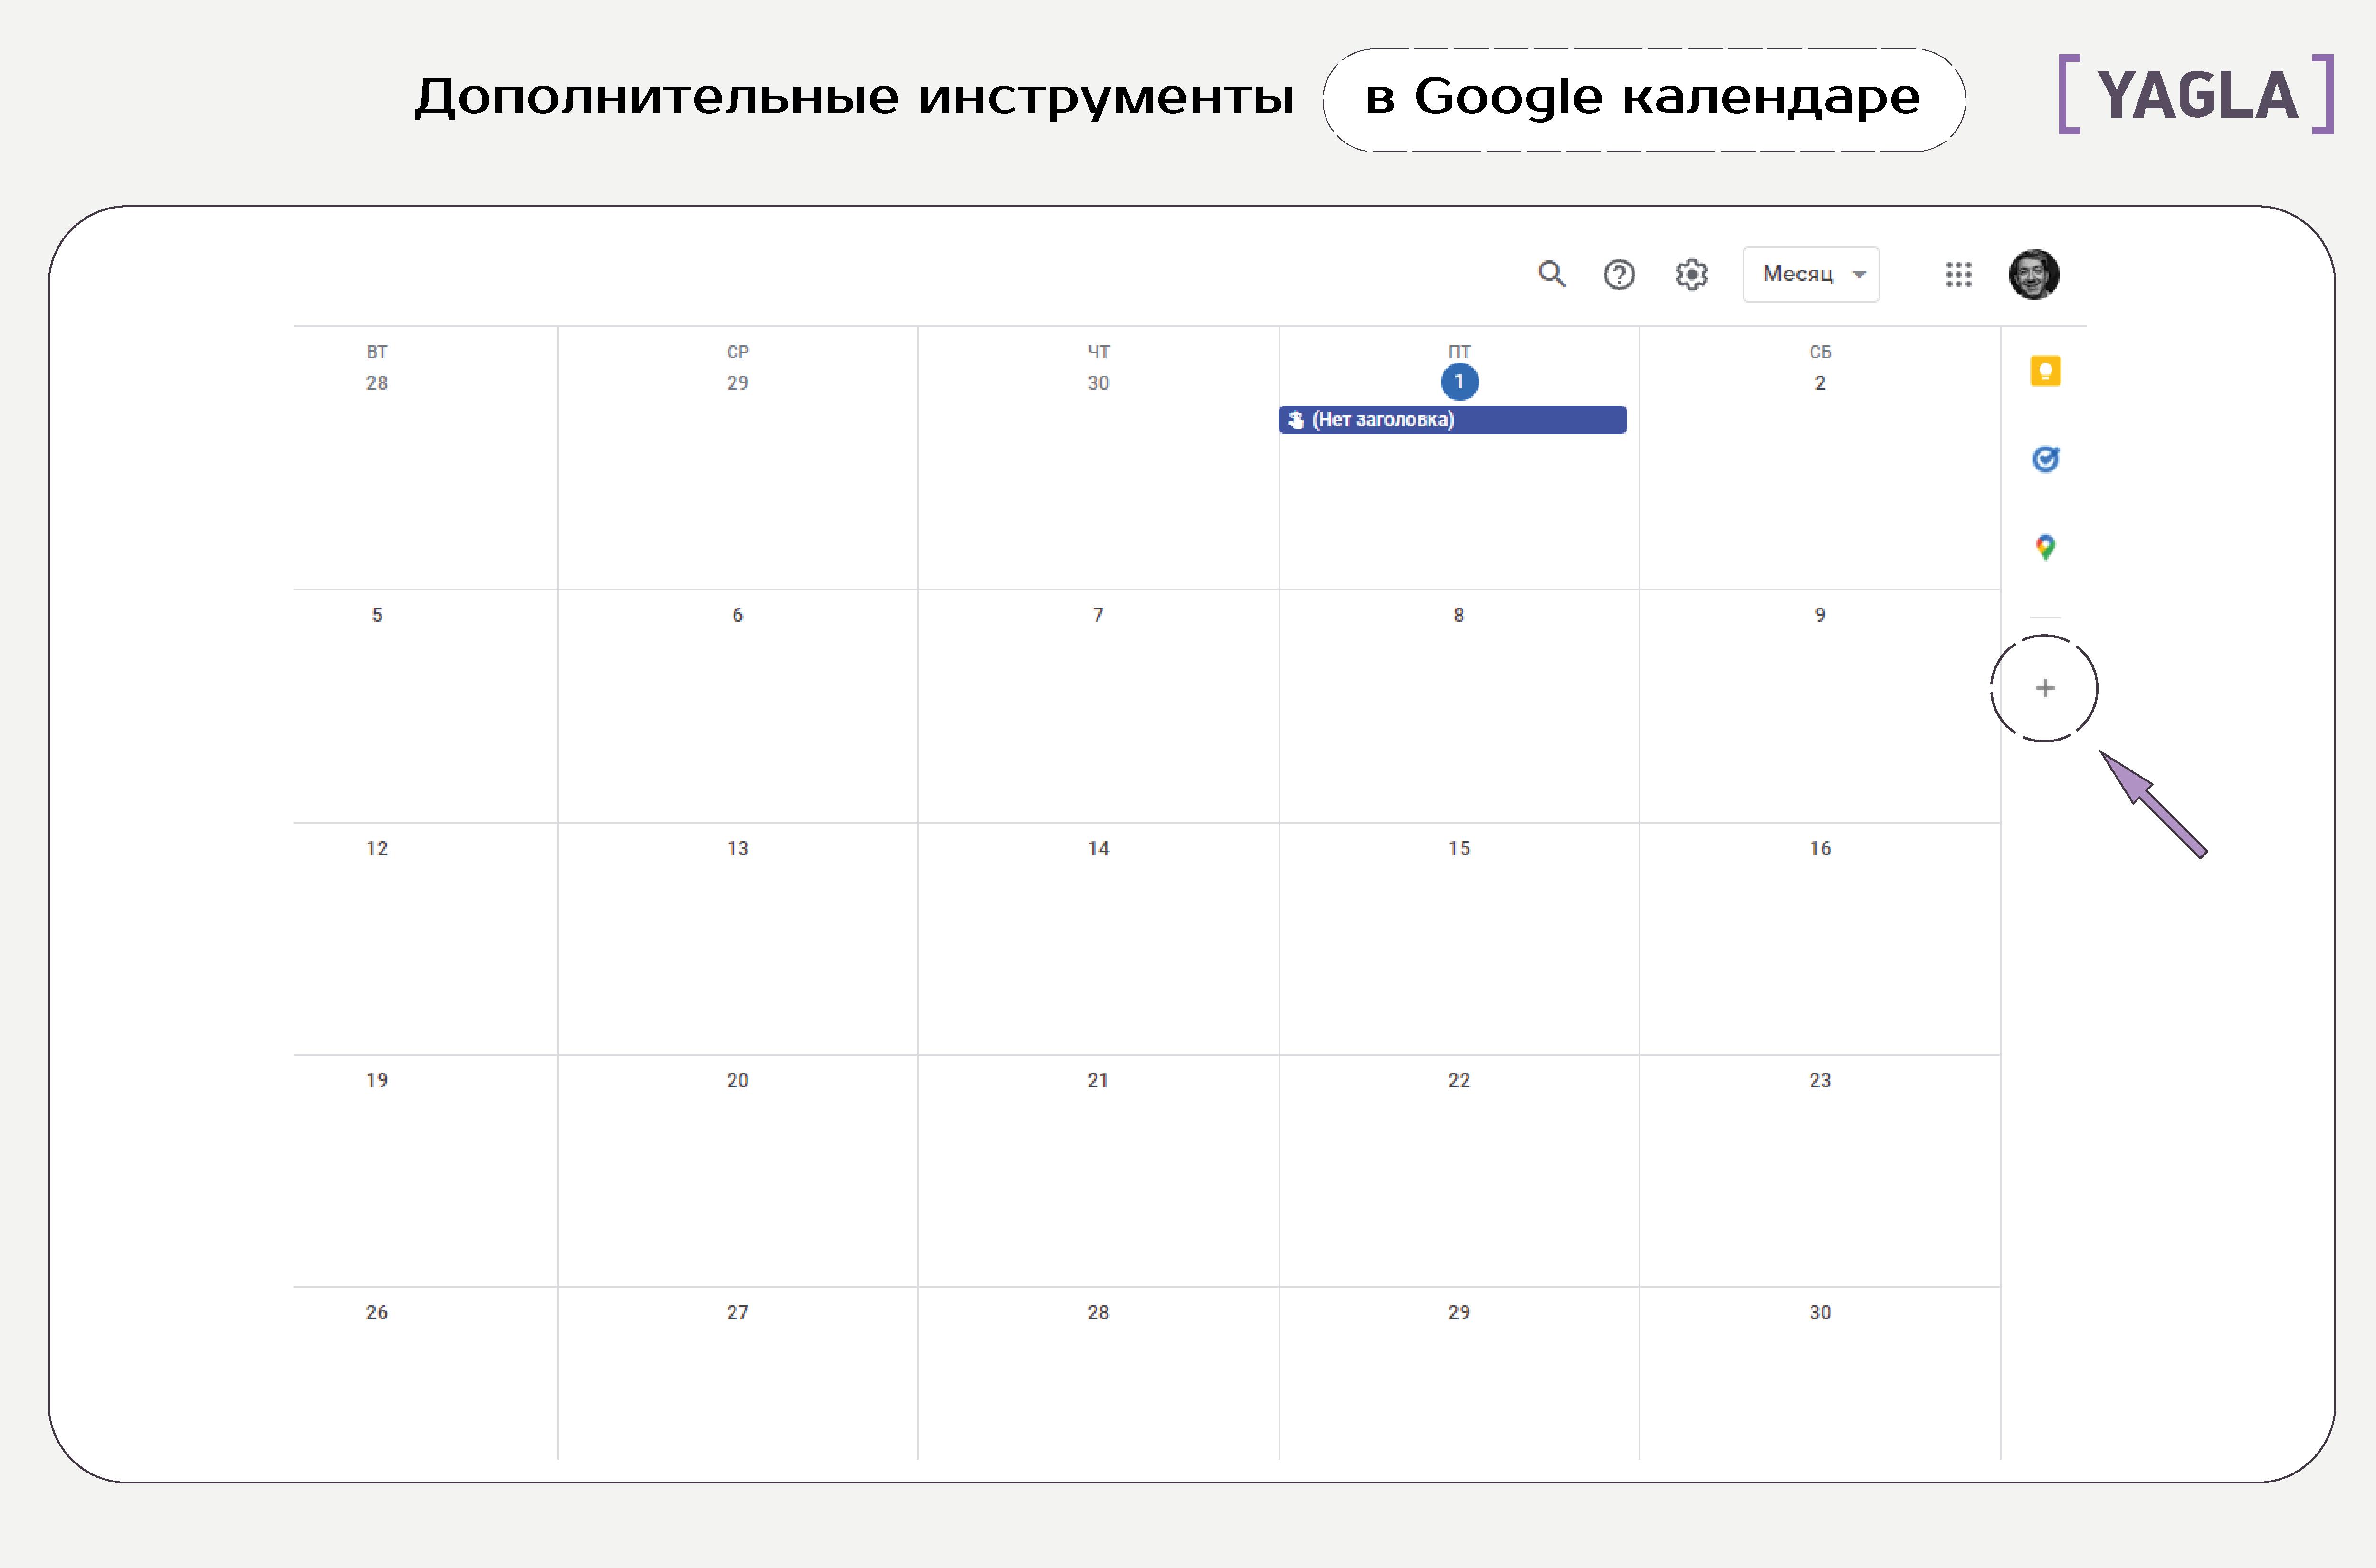 Дополнительные инструменты в Google календаре